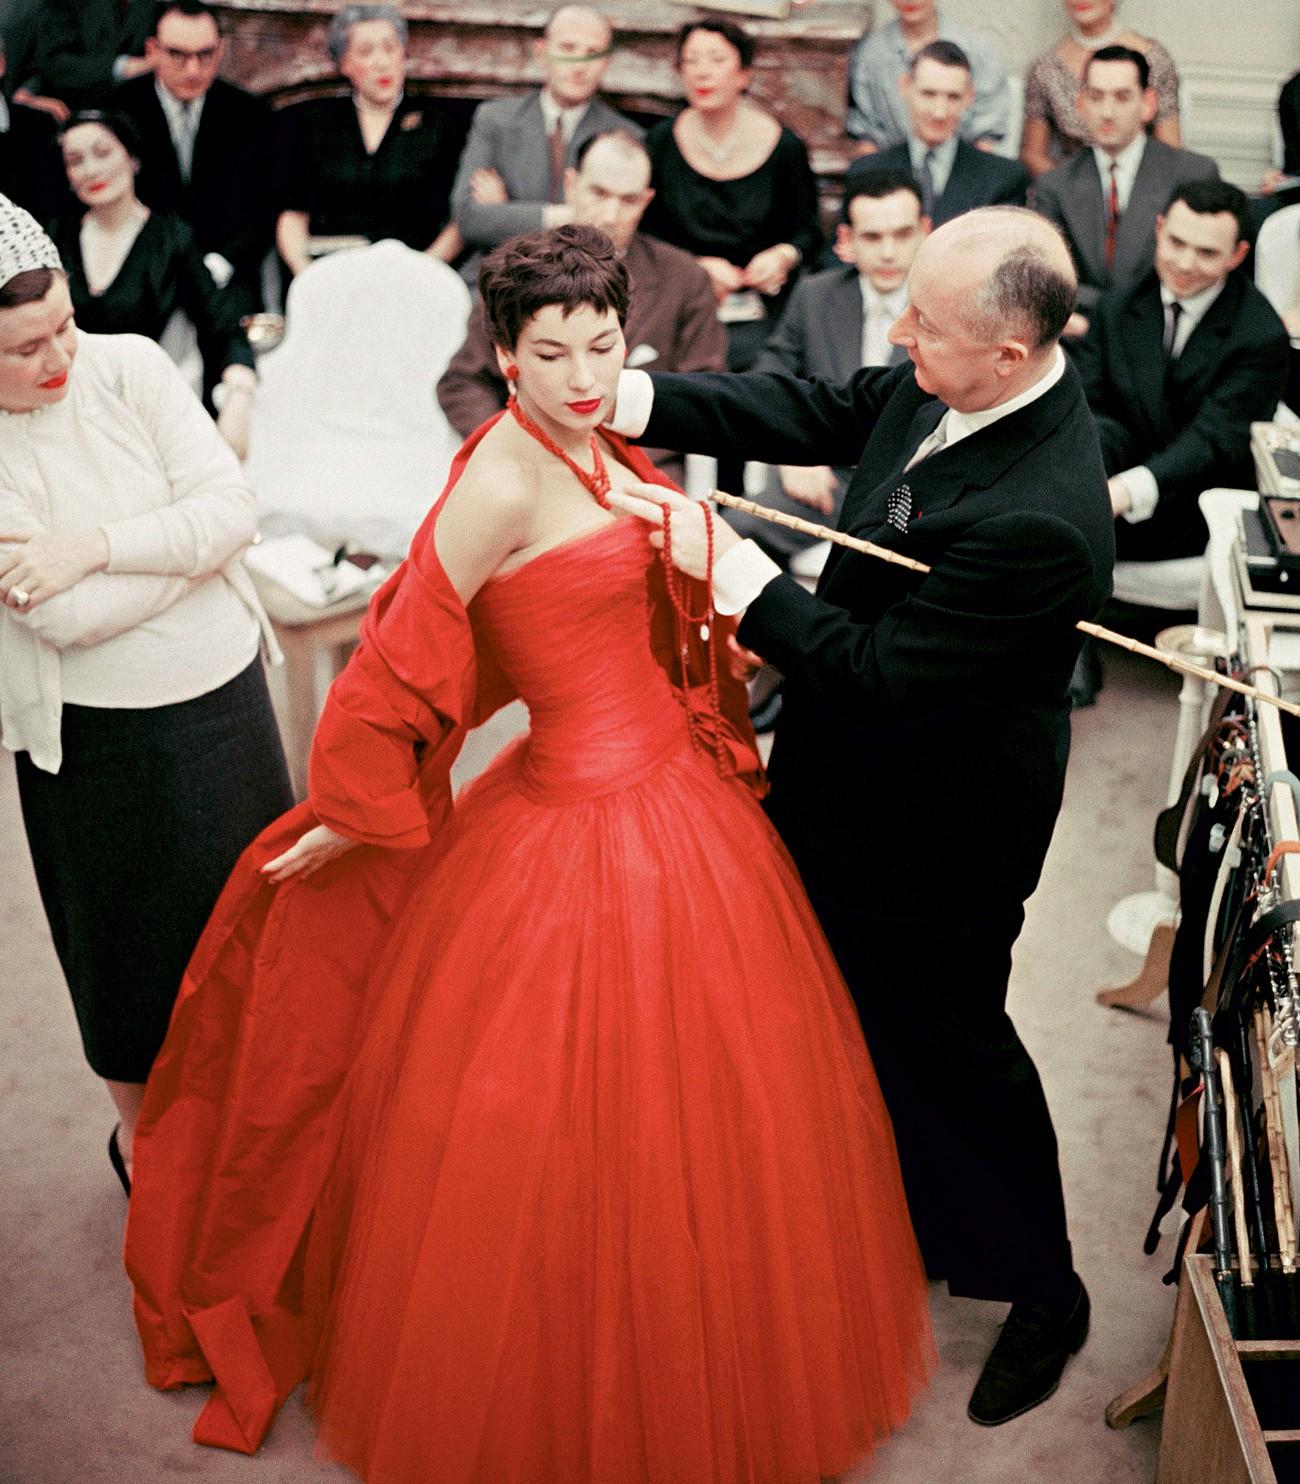 Victoire Doutreleau com o estilista Christian Dior nos últimos ajustes antes do desfile da coleção de alta-costura da maison, em 1954 (Foto: Mark Shaw e Divulgação)